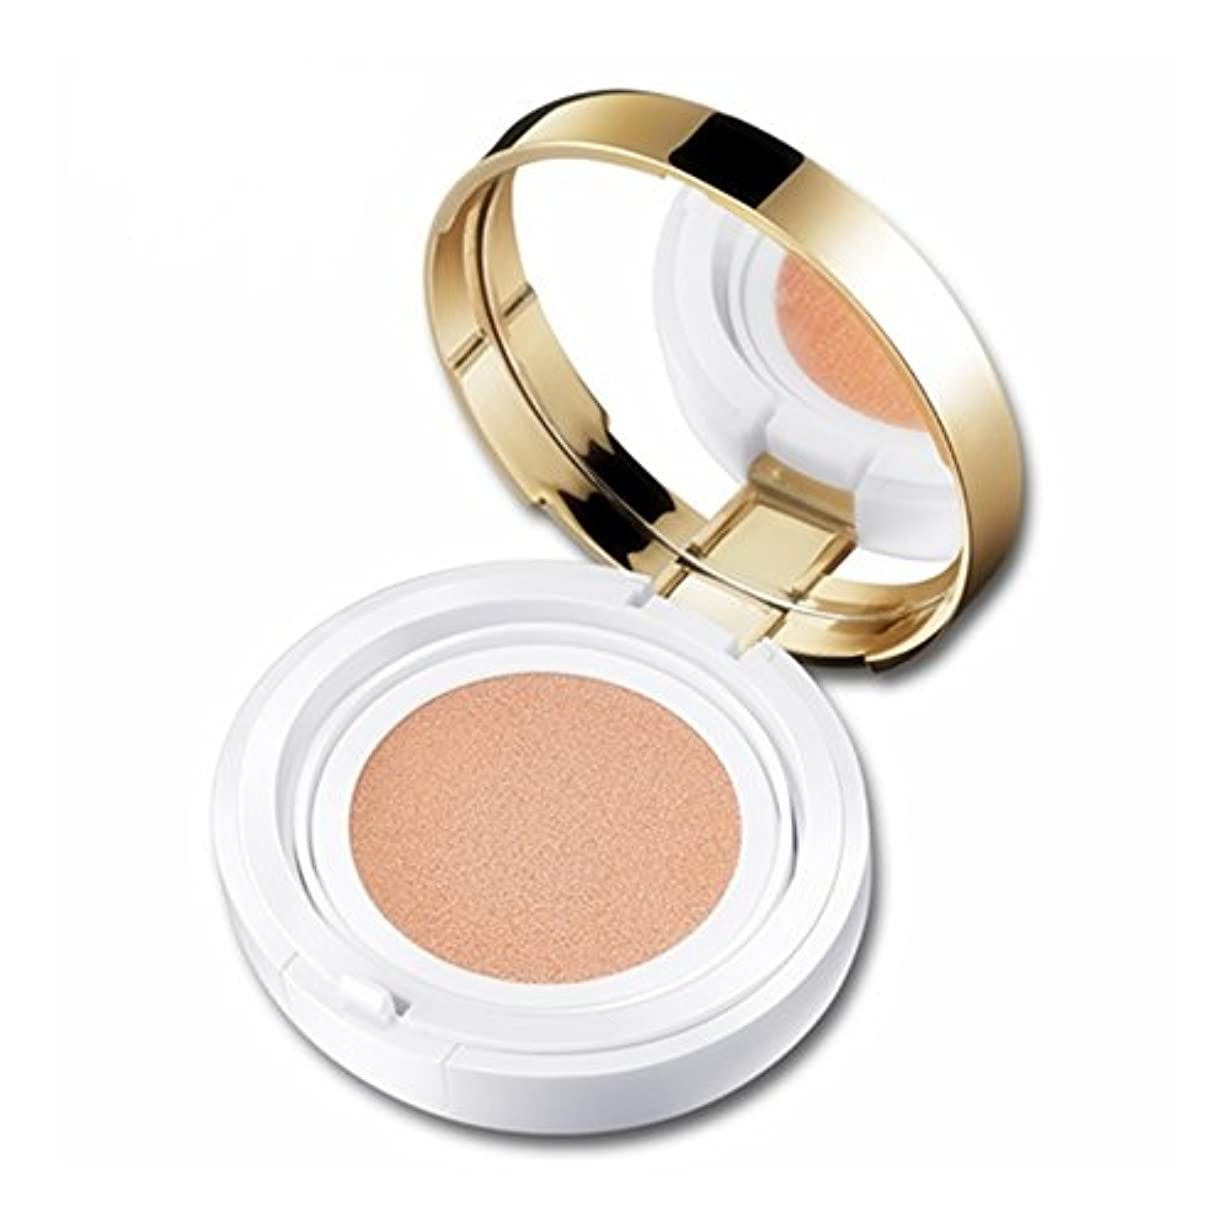 テスト絞る打撃Flawless Makeup Air Cushion BB Cream Moisturizing Natural Tone Bare Makeup Concealer Primer Color Foundation Cosmetics...